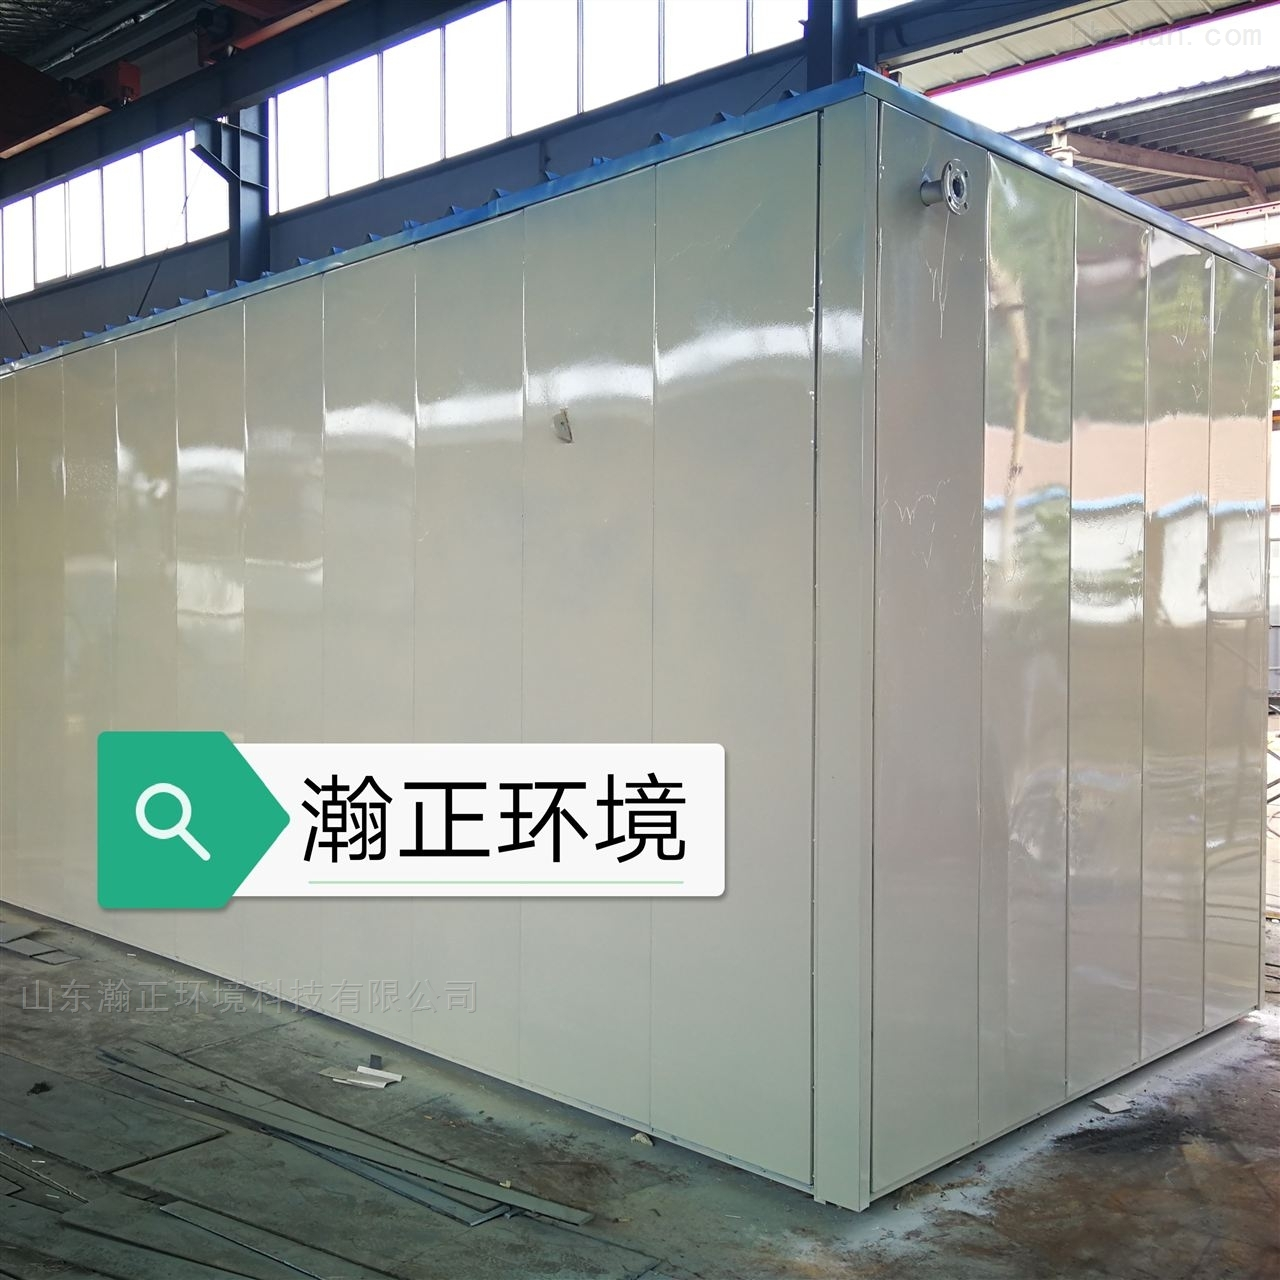 车站废水处理一体化设备瀚正环境